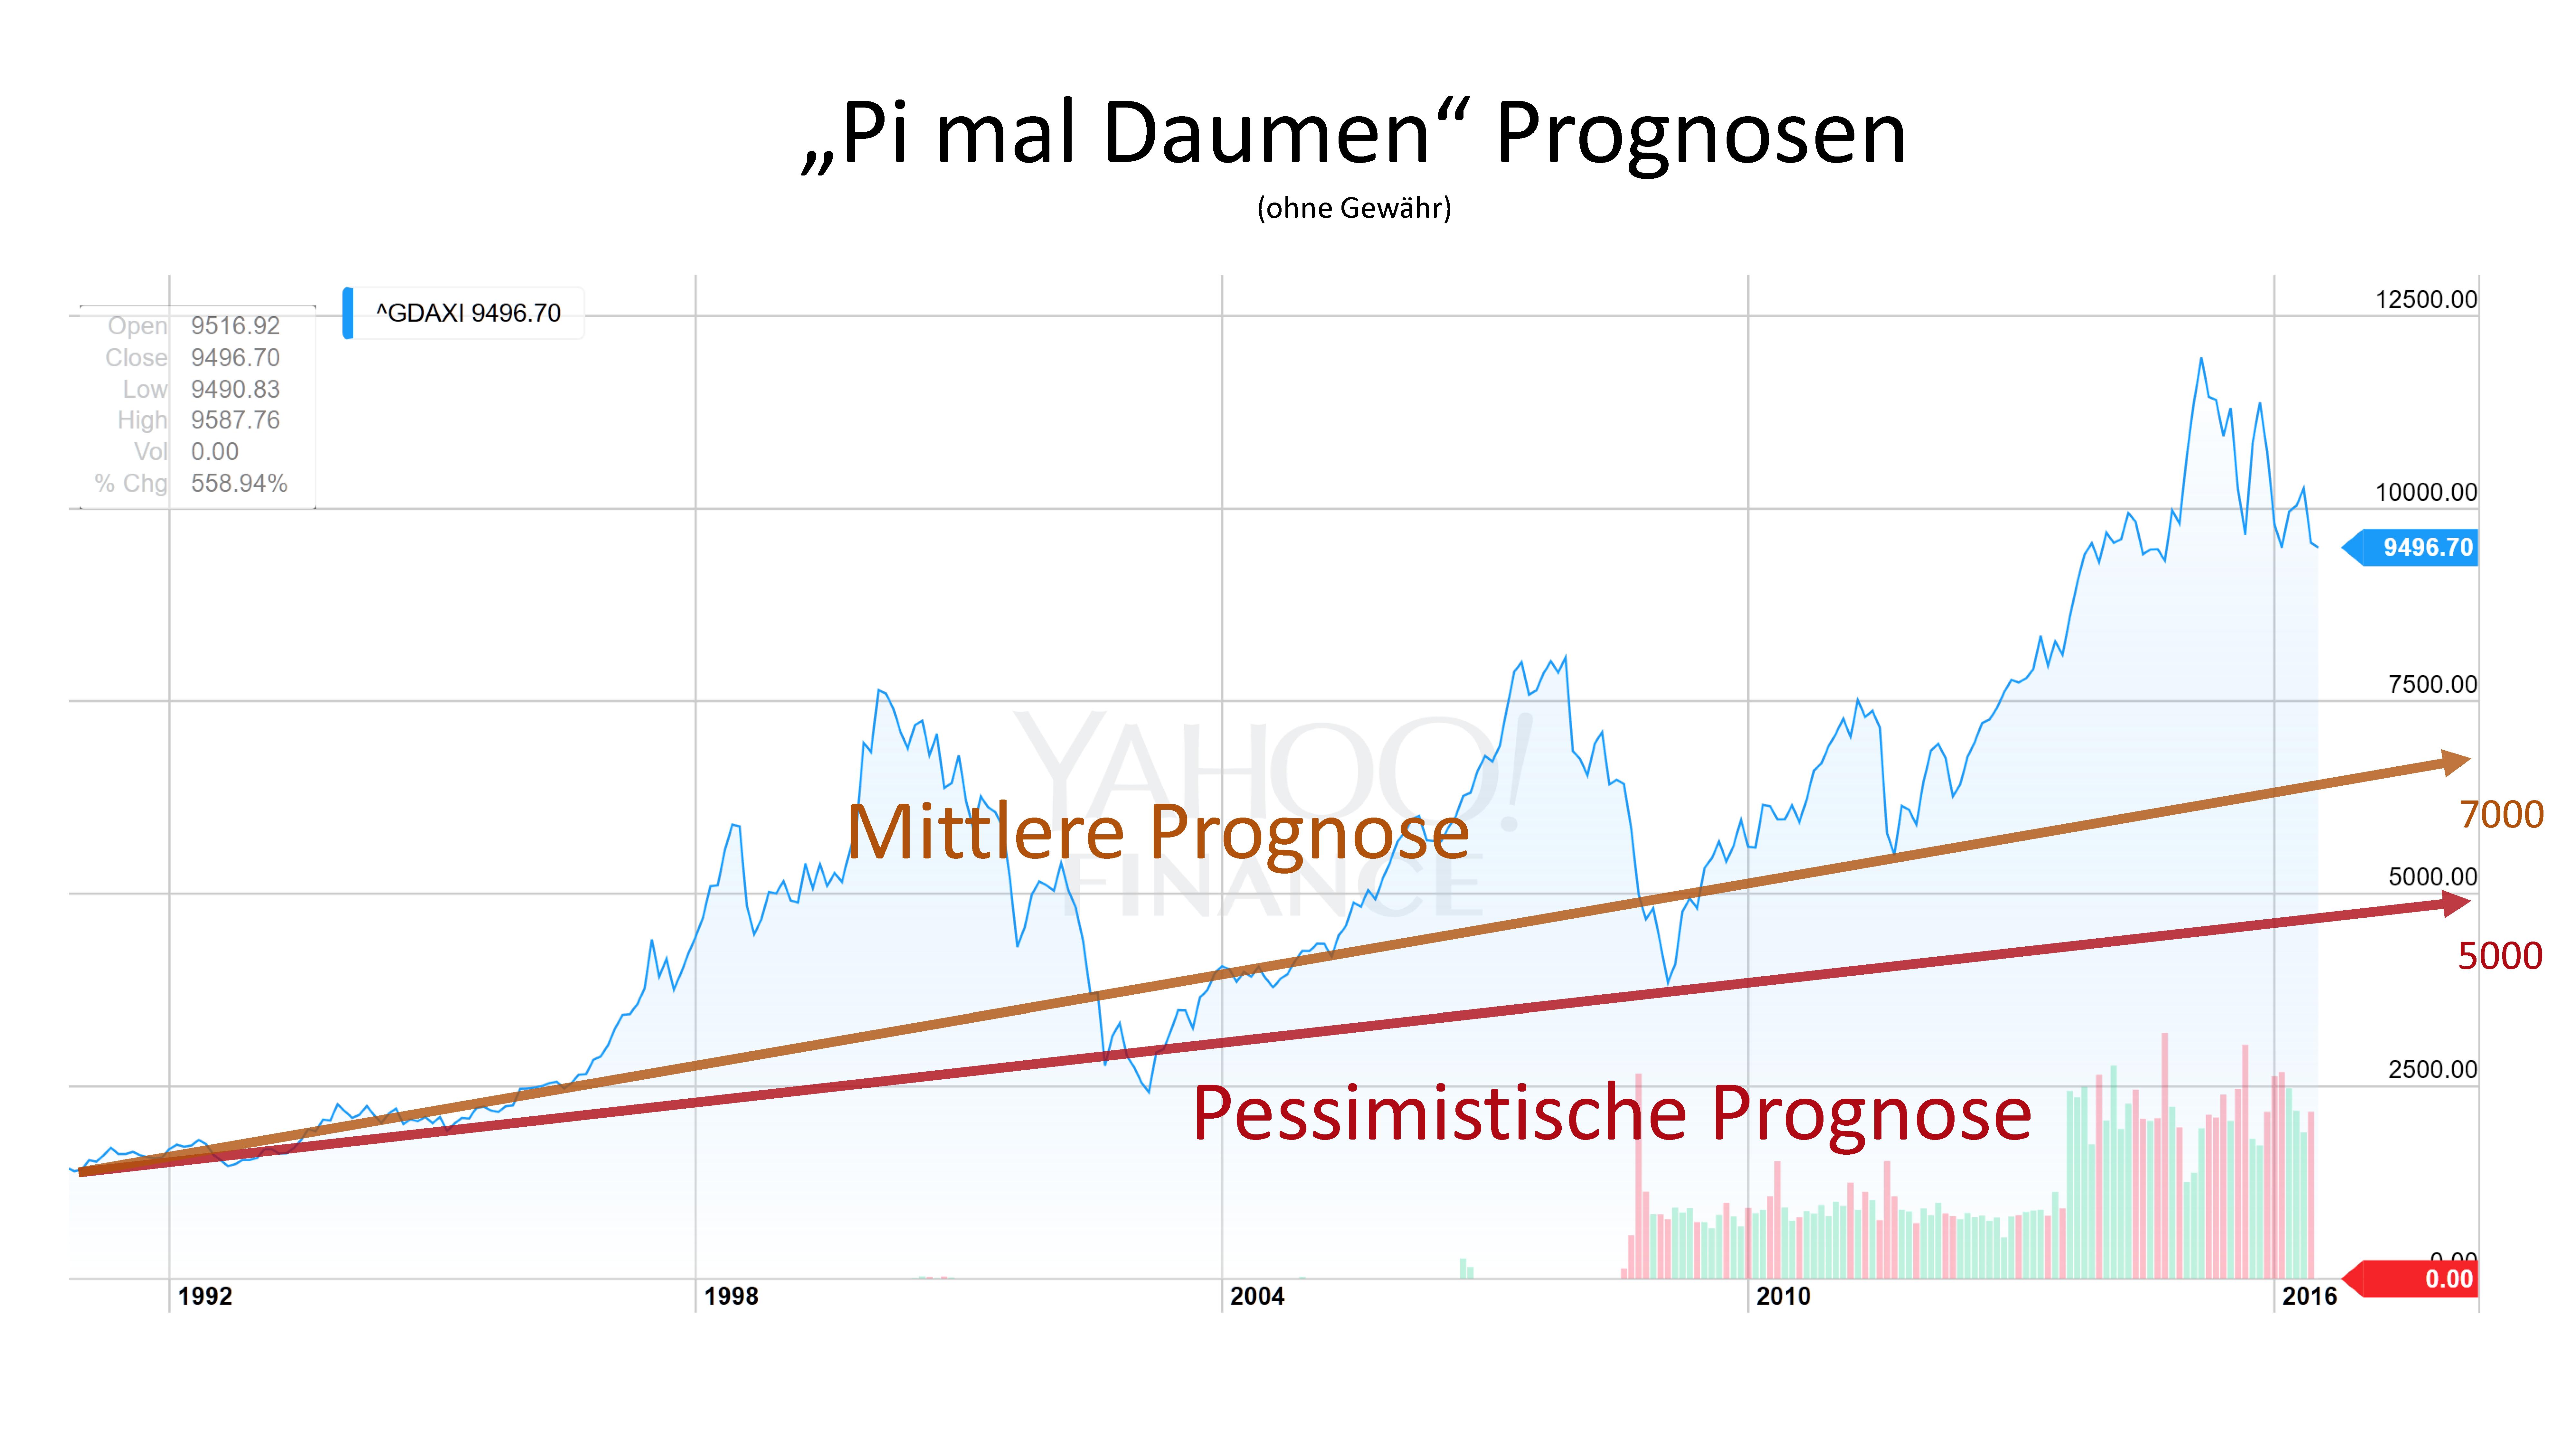 Zwei pessimistischere Prognosen